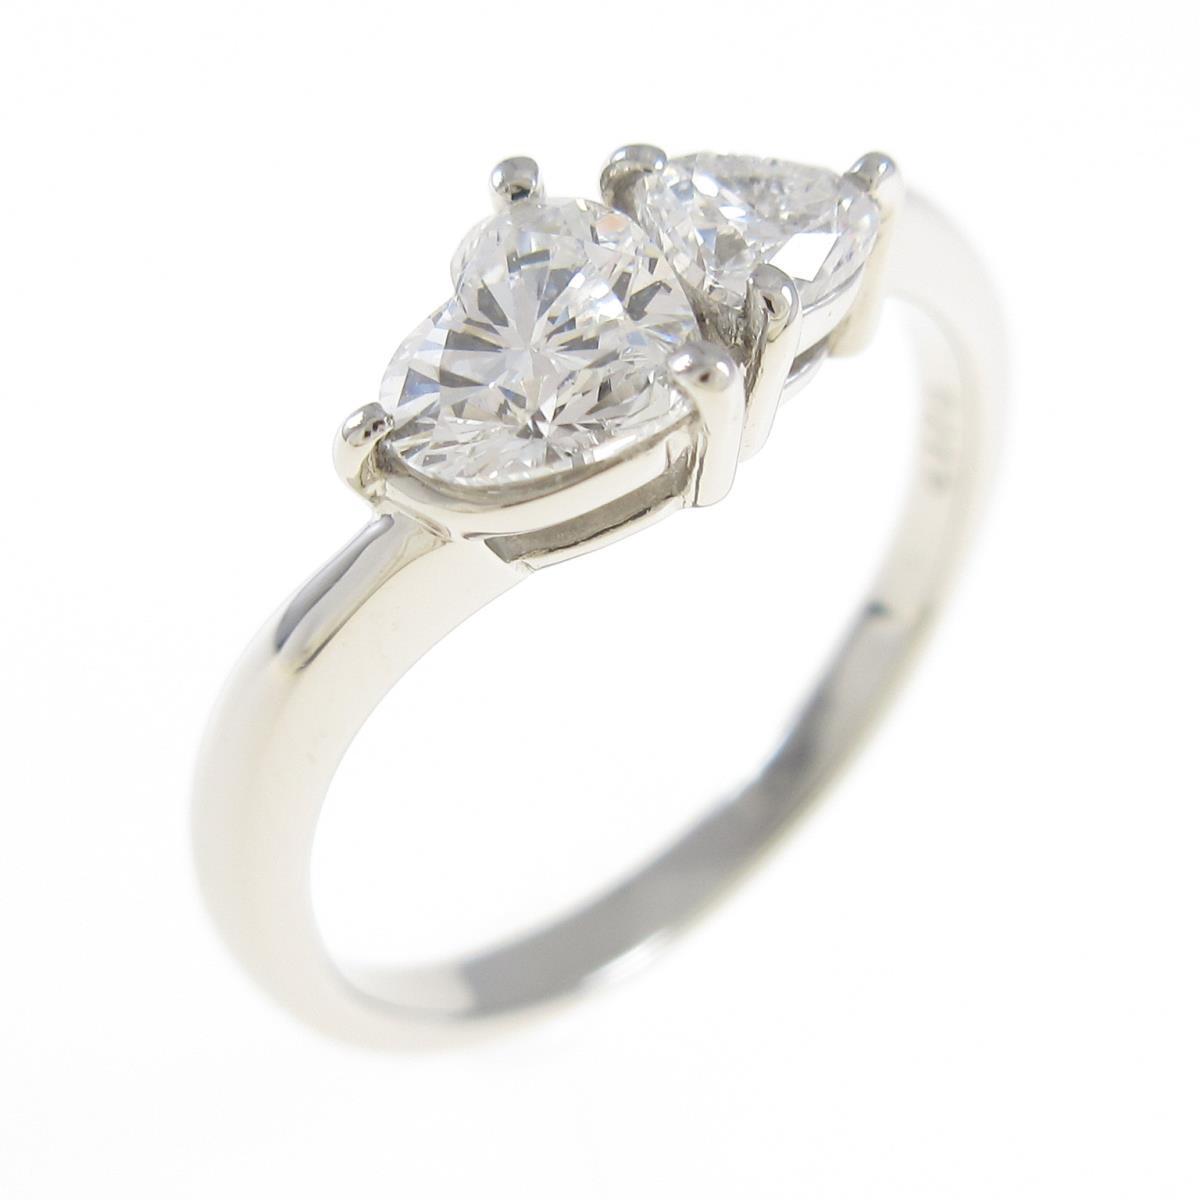 プラチナダイヤモンドリング 0.453ct・0.178ct・E・SI1-2・ハートシェイプ【中古】